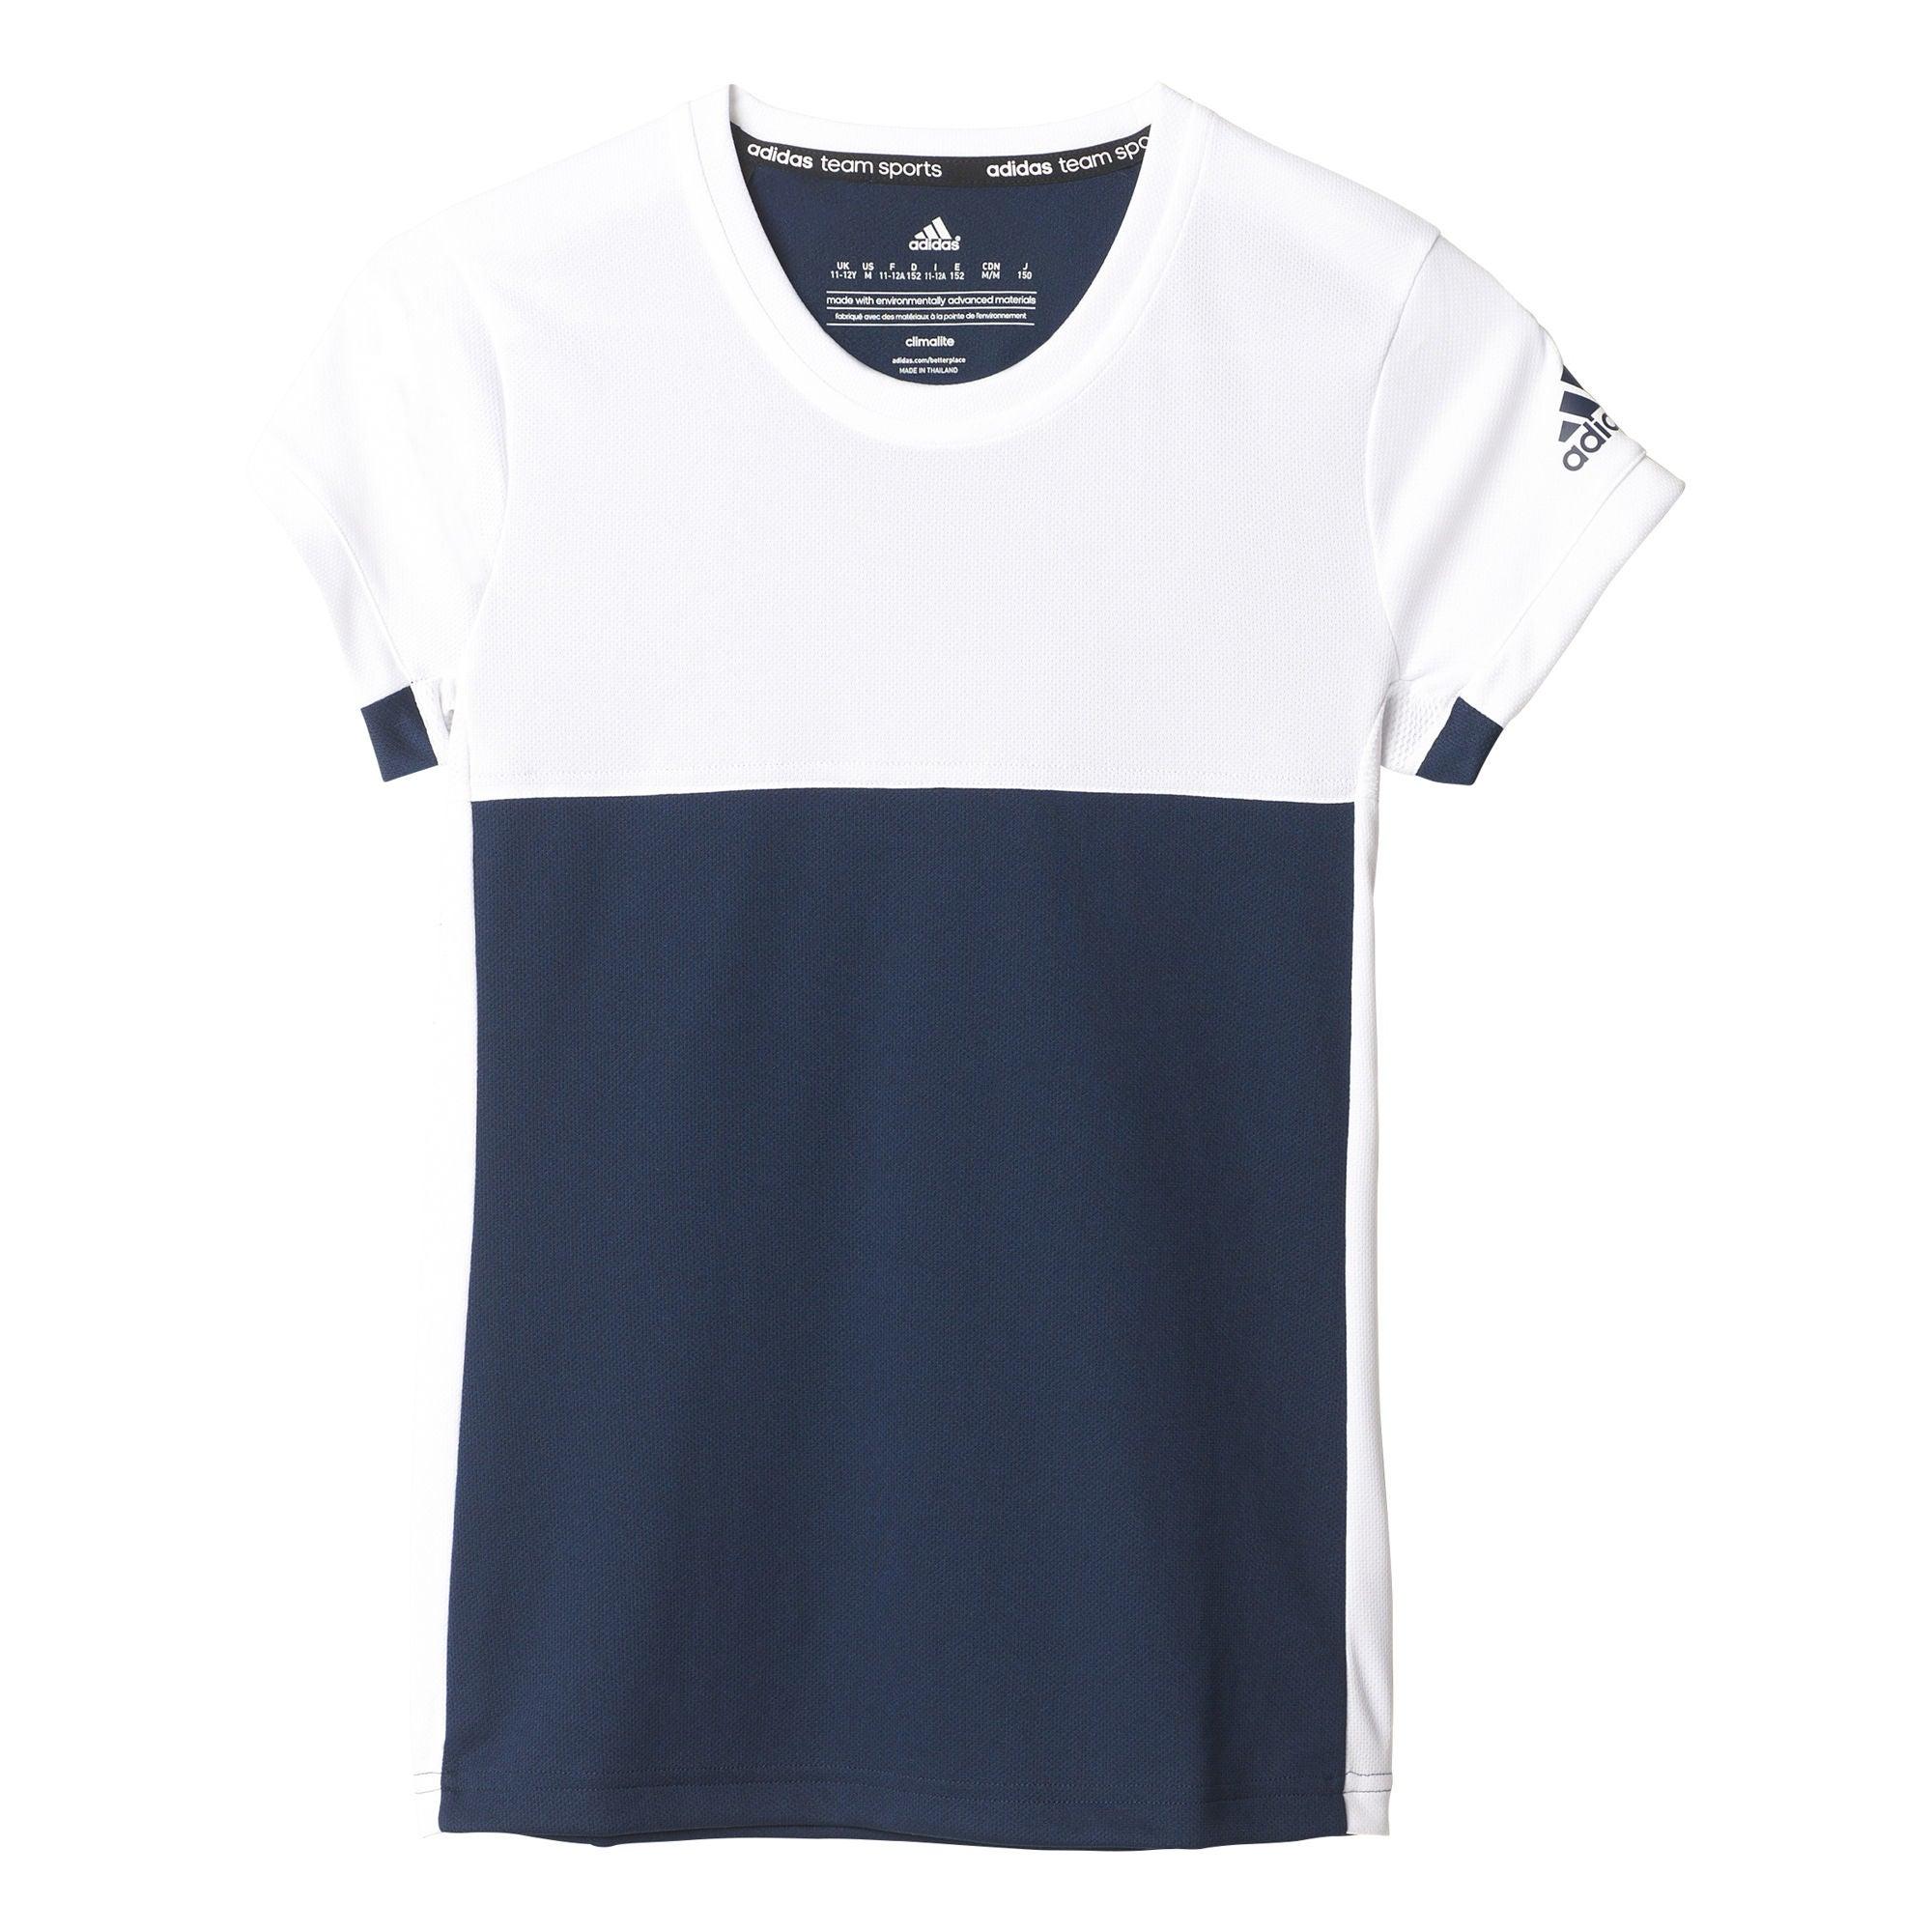 Osta Adidas T16 Tee YG Treenipaita, Navy   Jollyroom